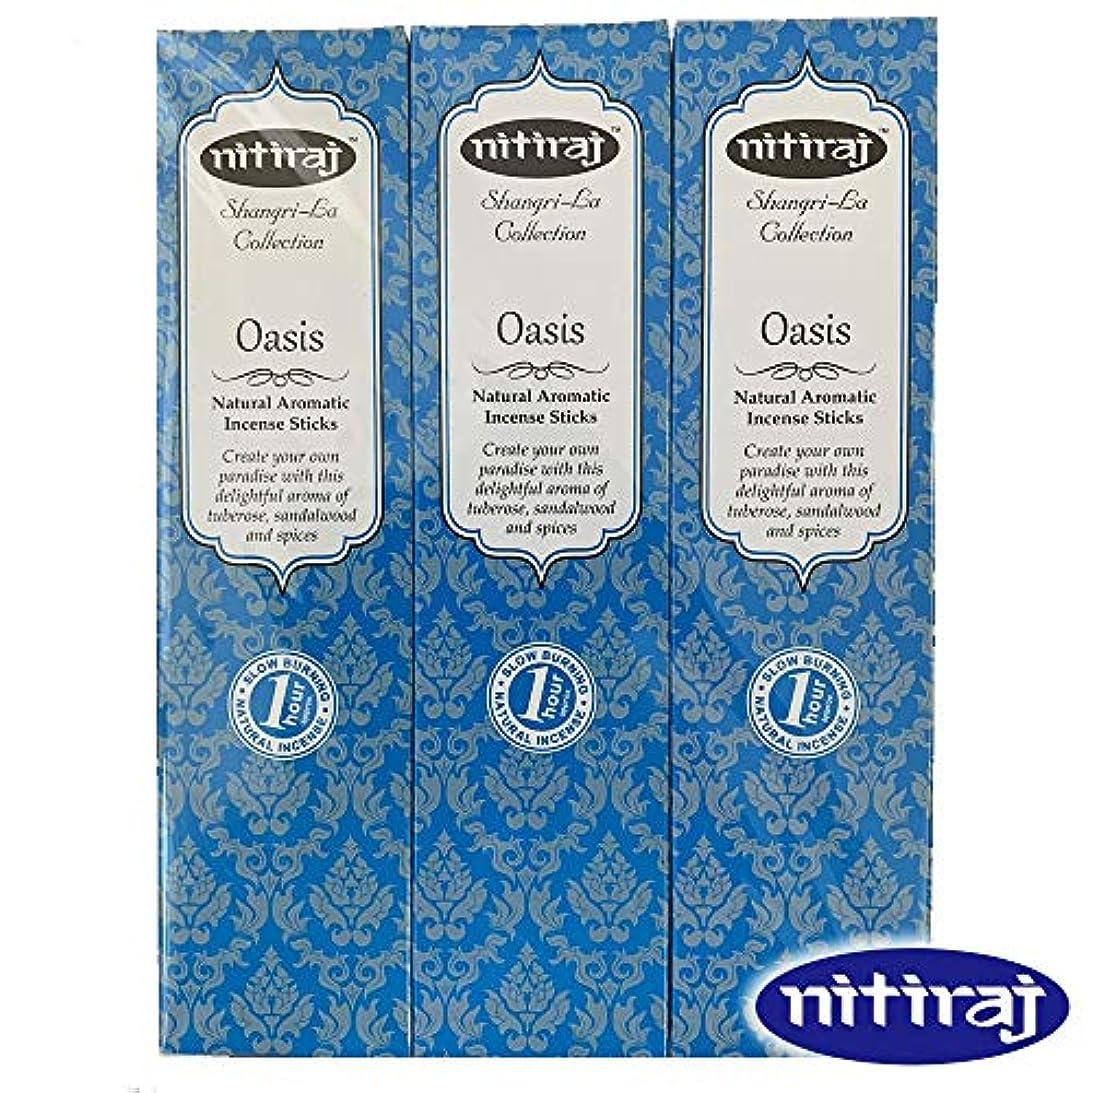 カード私たち些細お香 アロマインセンス Nitiraj(ニティラジ)Oasis(オアシス) 3箱セット(30本/1箱10本入り)100%天然素材